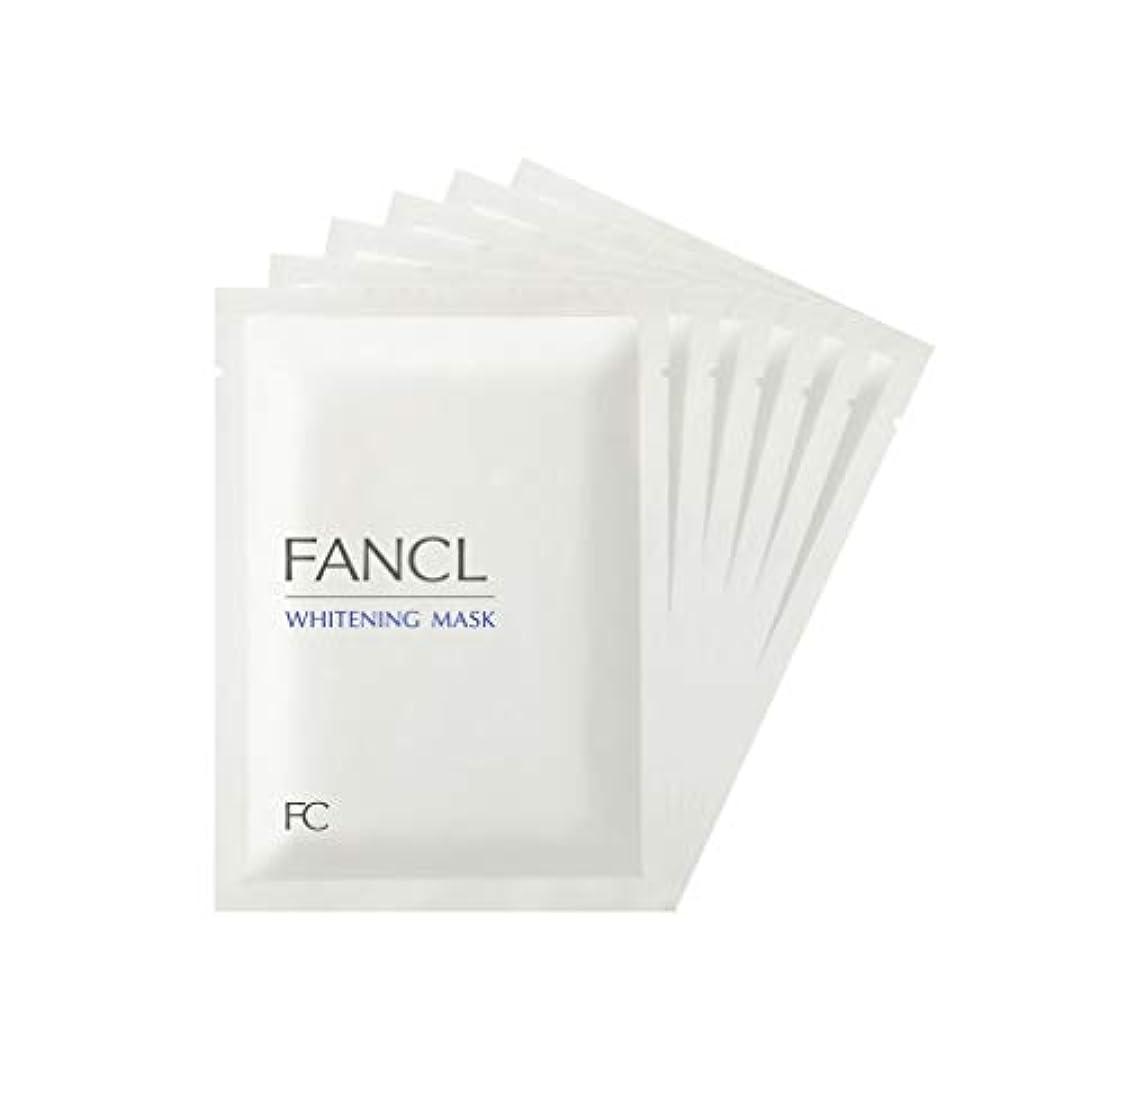 影反対に含意ファンケル (FANCL) 新 ホワイトニング マスク 6枚セット (21mL×6) 【医薬部外品】